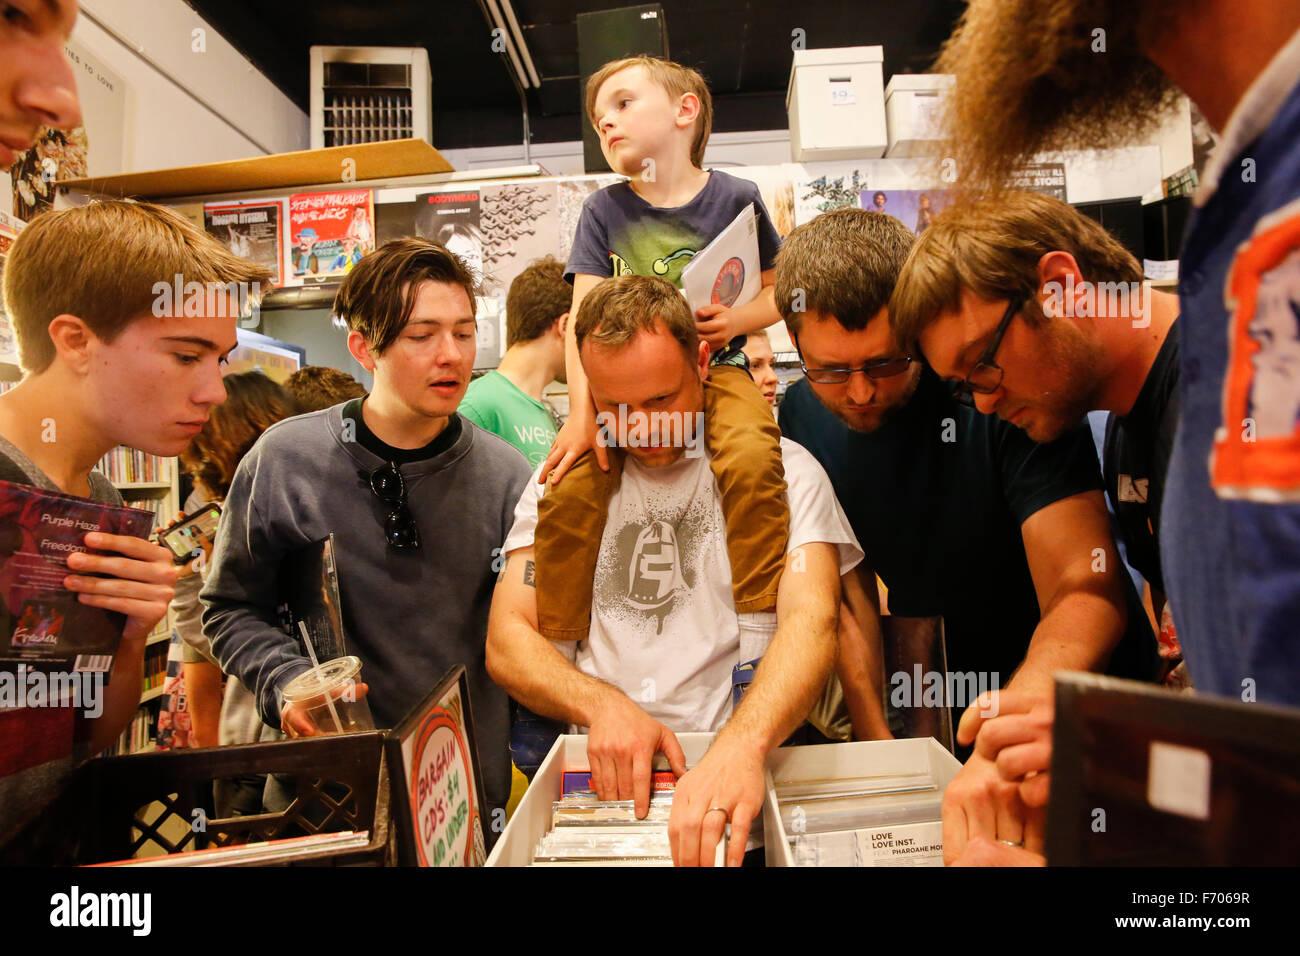 Les acheteurs de disque de vinyle pour Record Store day pack 2015 magasin de disques appartenant à des dossiers Photo Stock